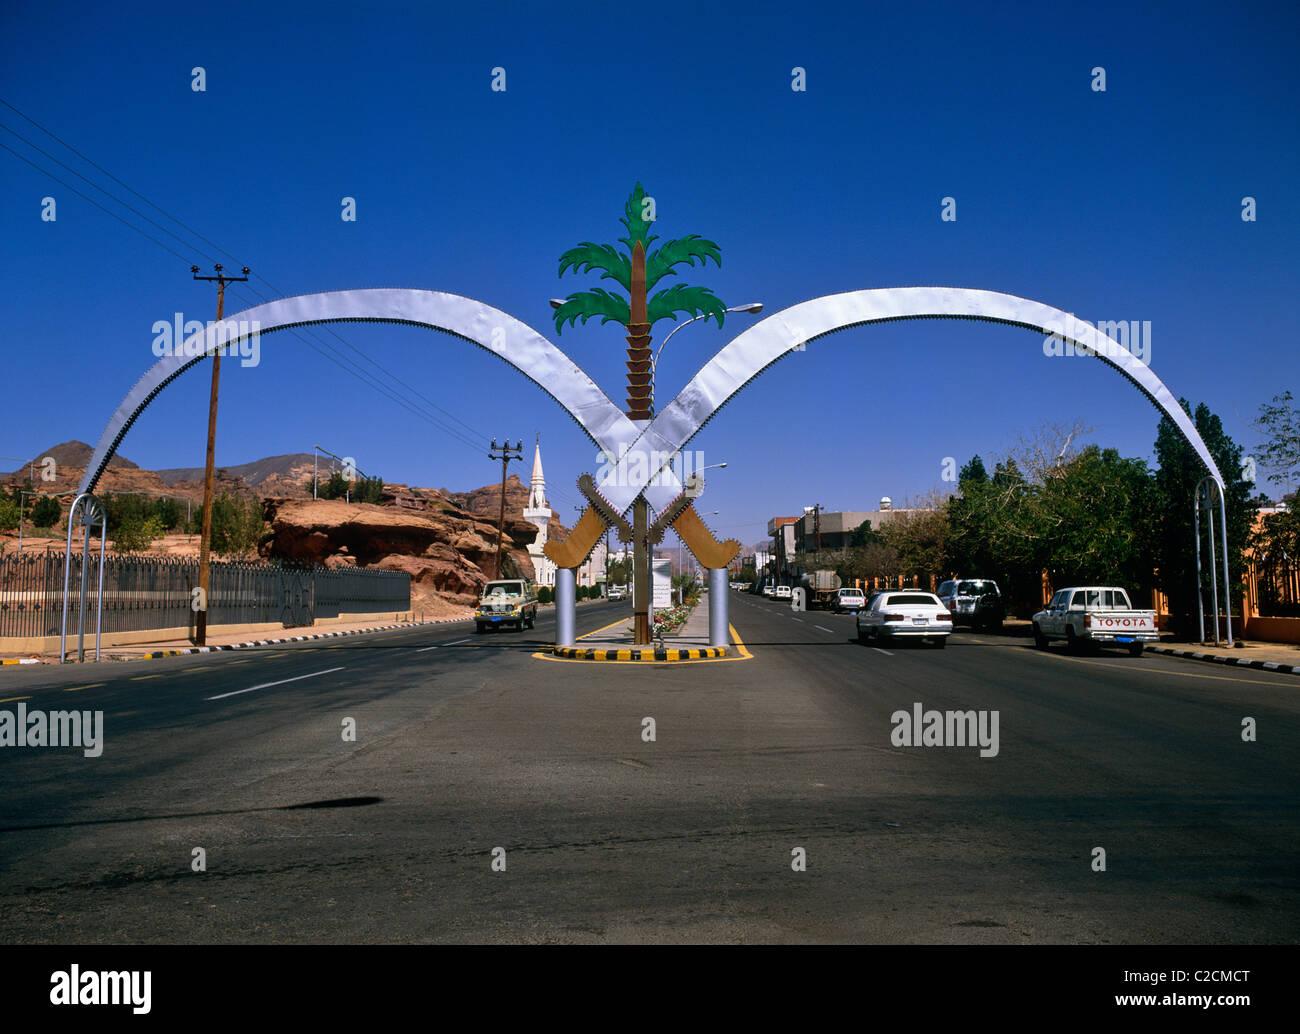 Al - Ula  Saudi Arabia - Stock Image